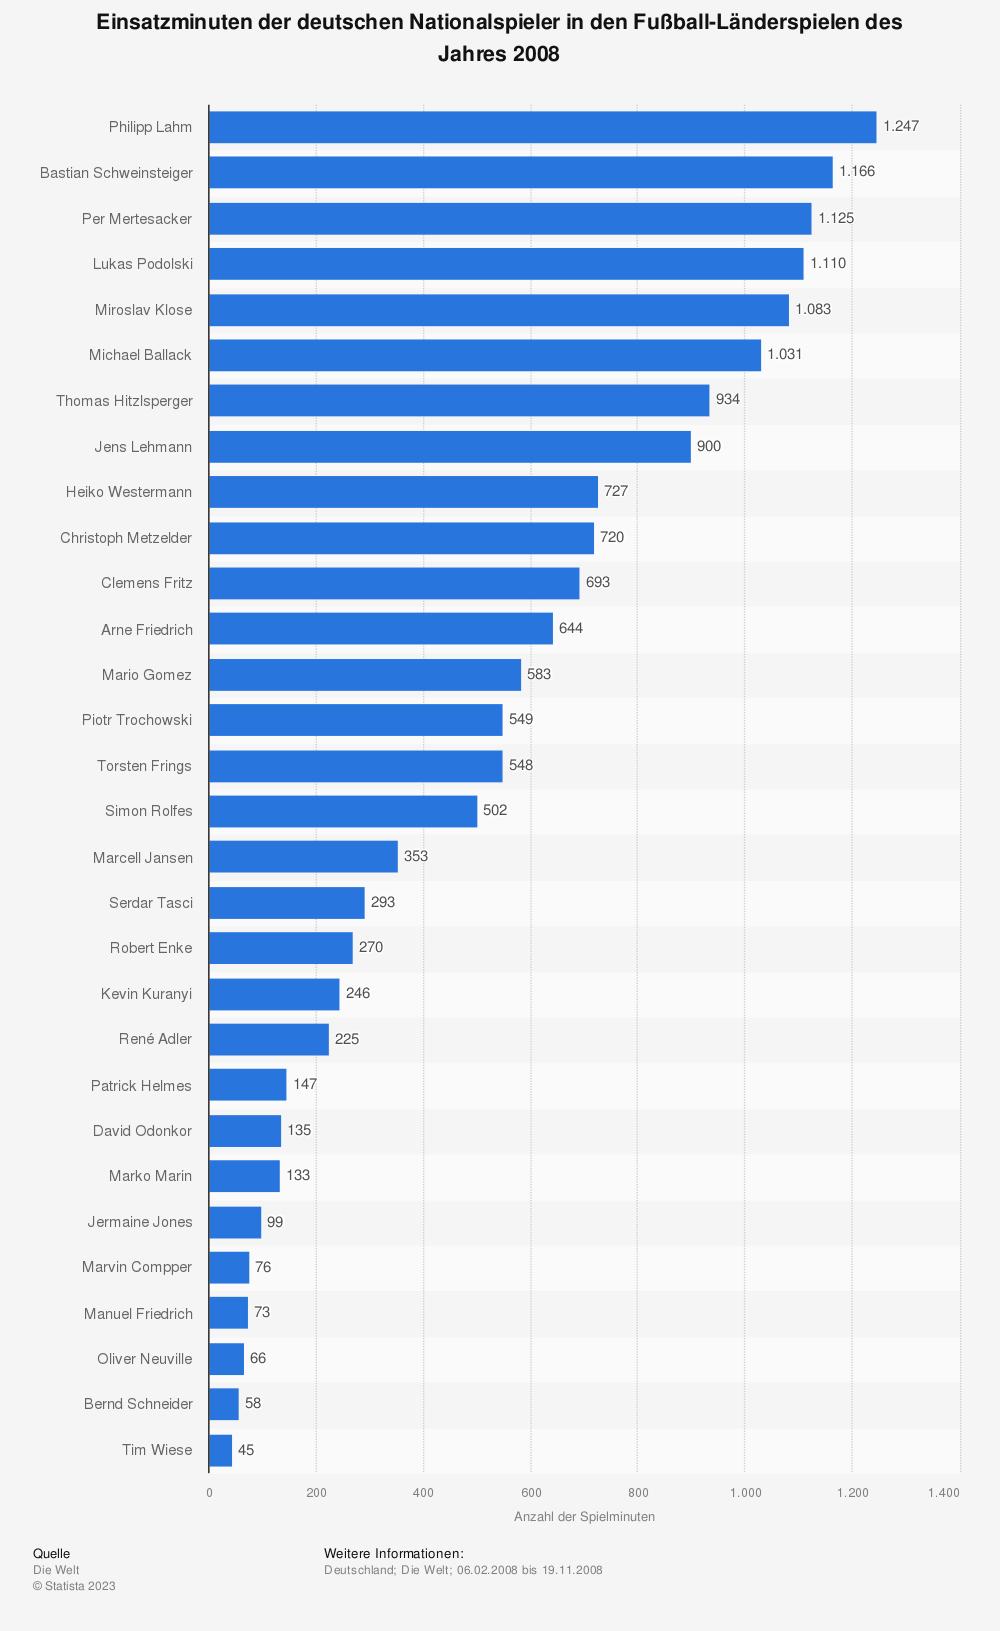 Statistik: Einsatzminuten der deutschen Nationalspieler in den Fußball-Länderspielen des Jahres 2008 | Statista